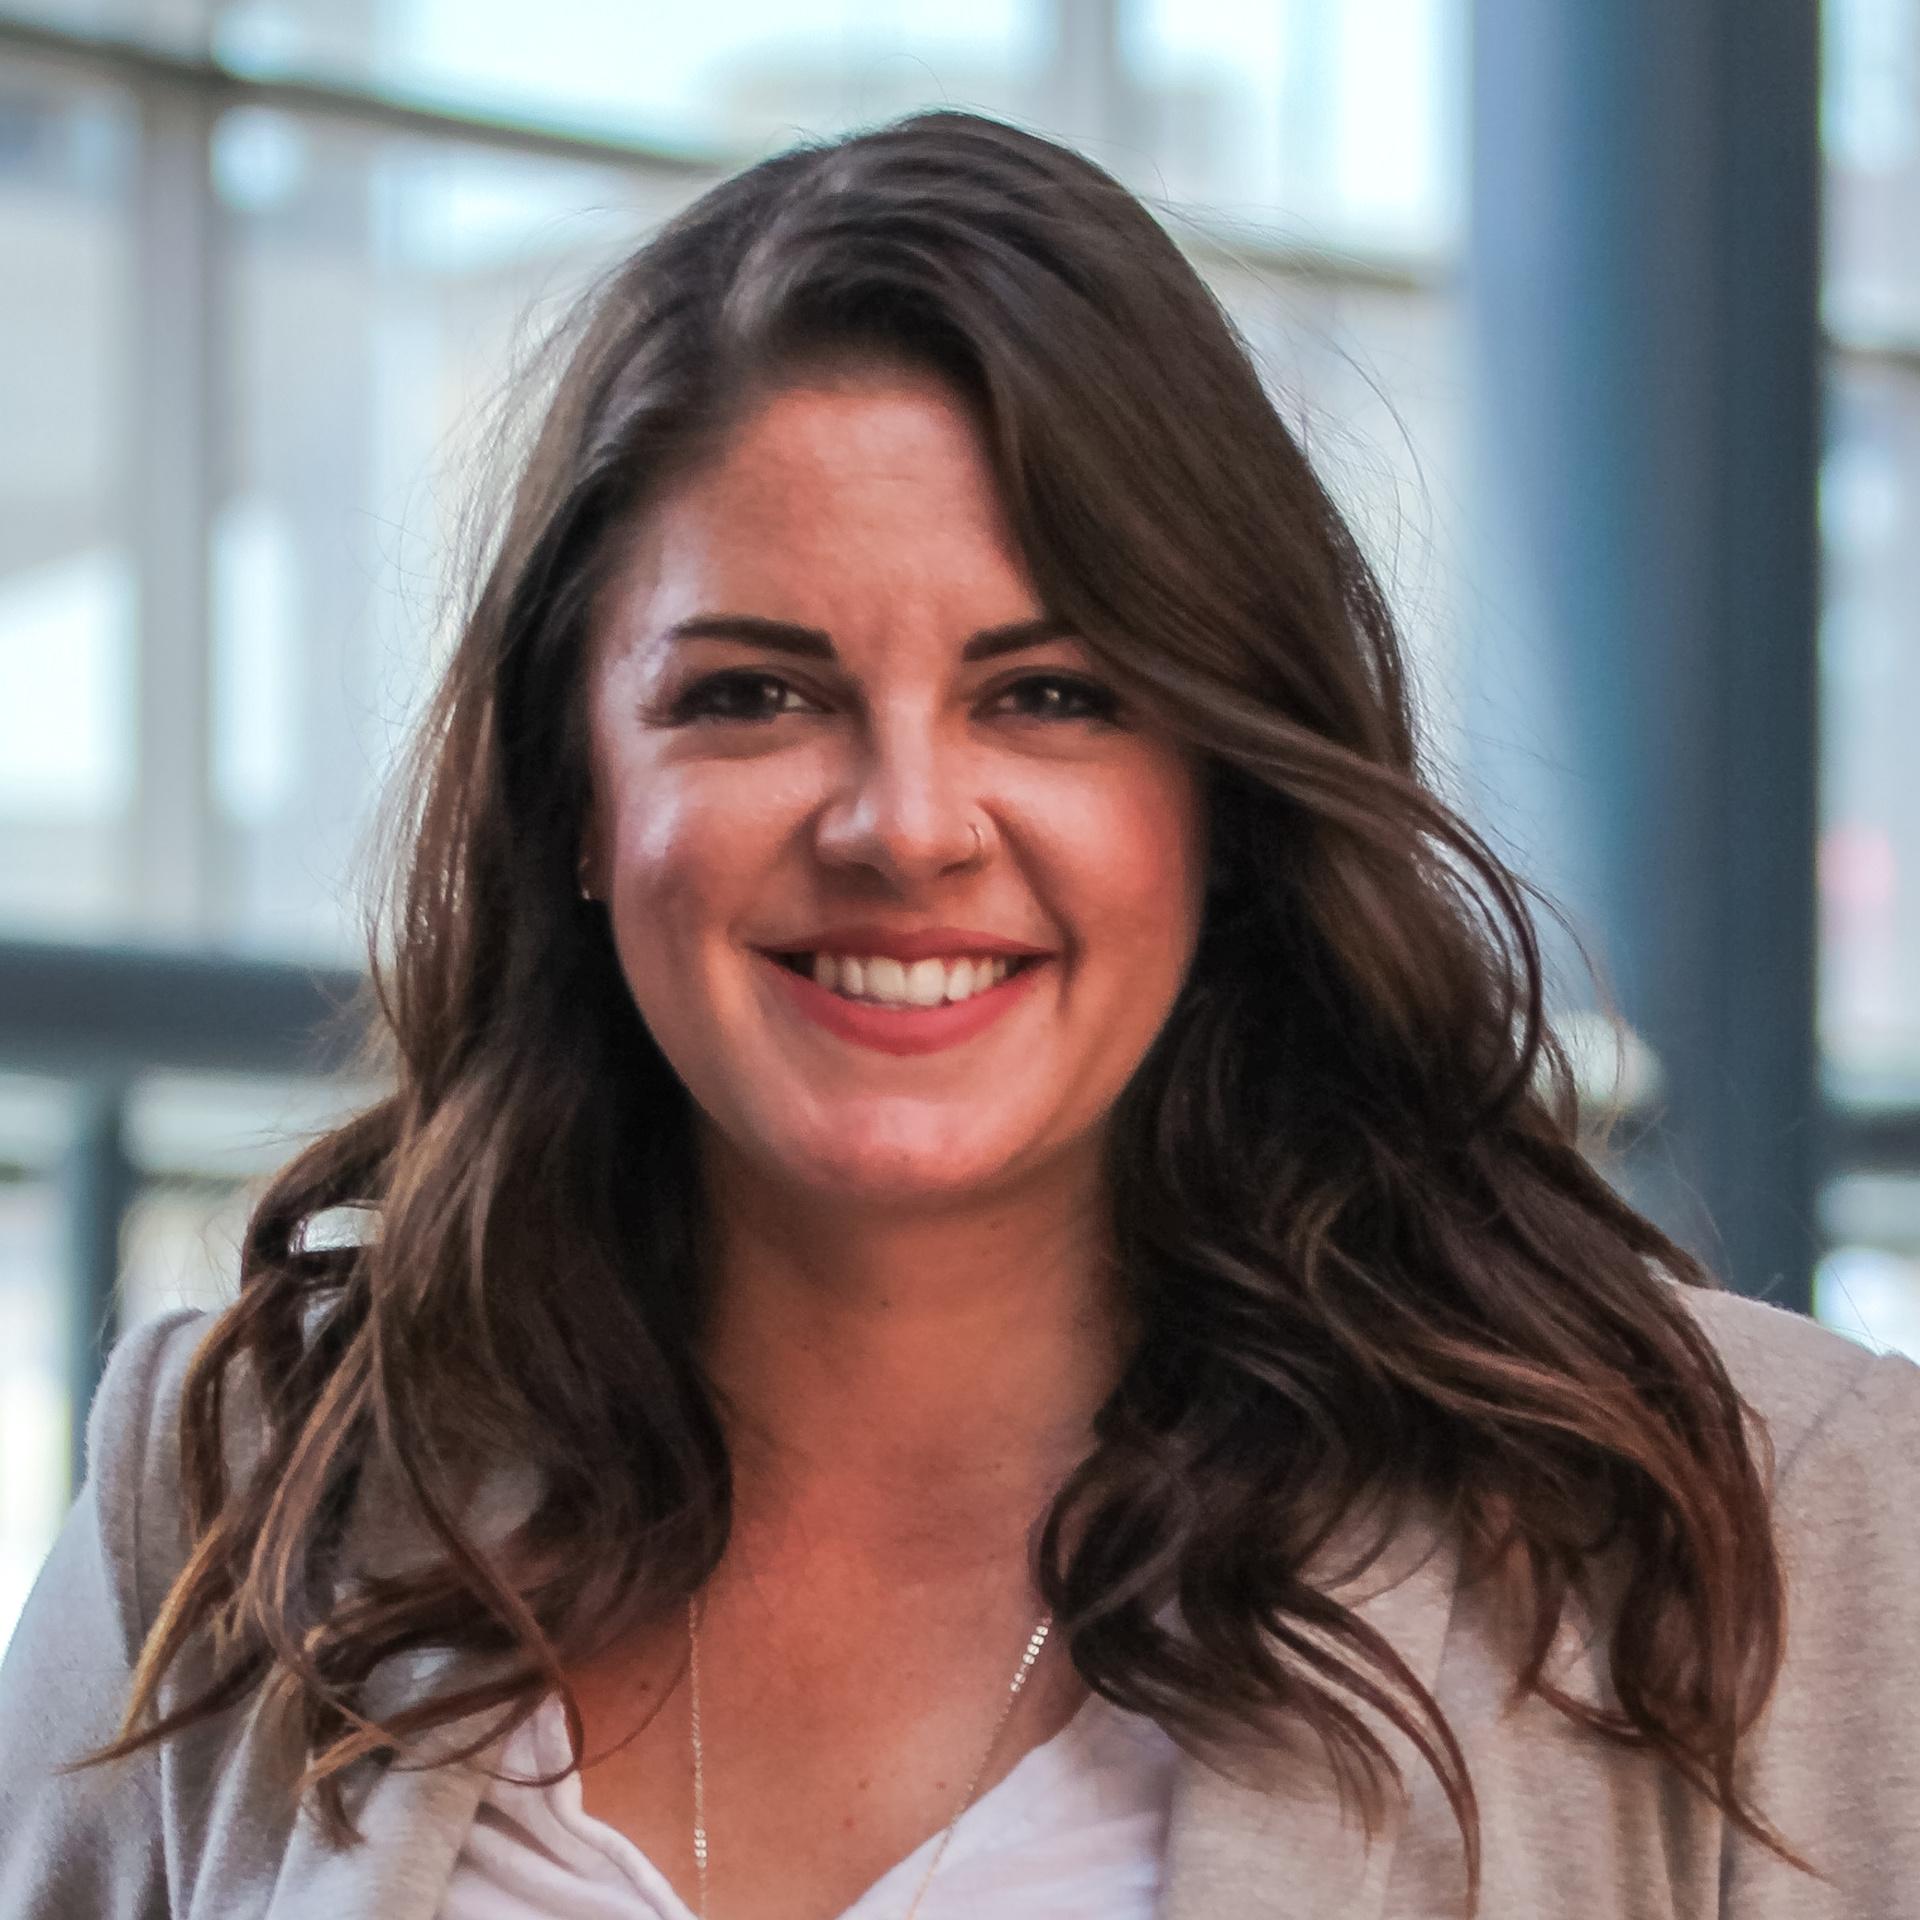 Sarah Sebaly